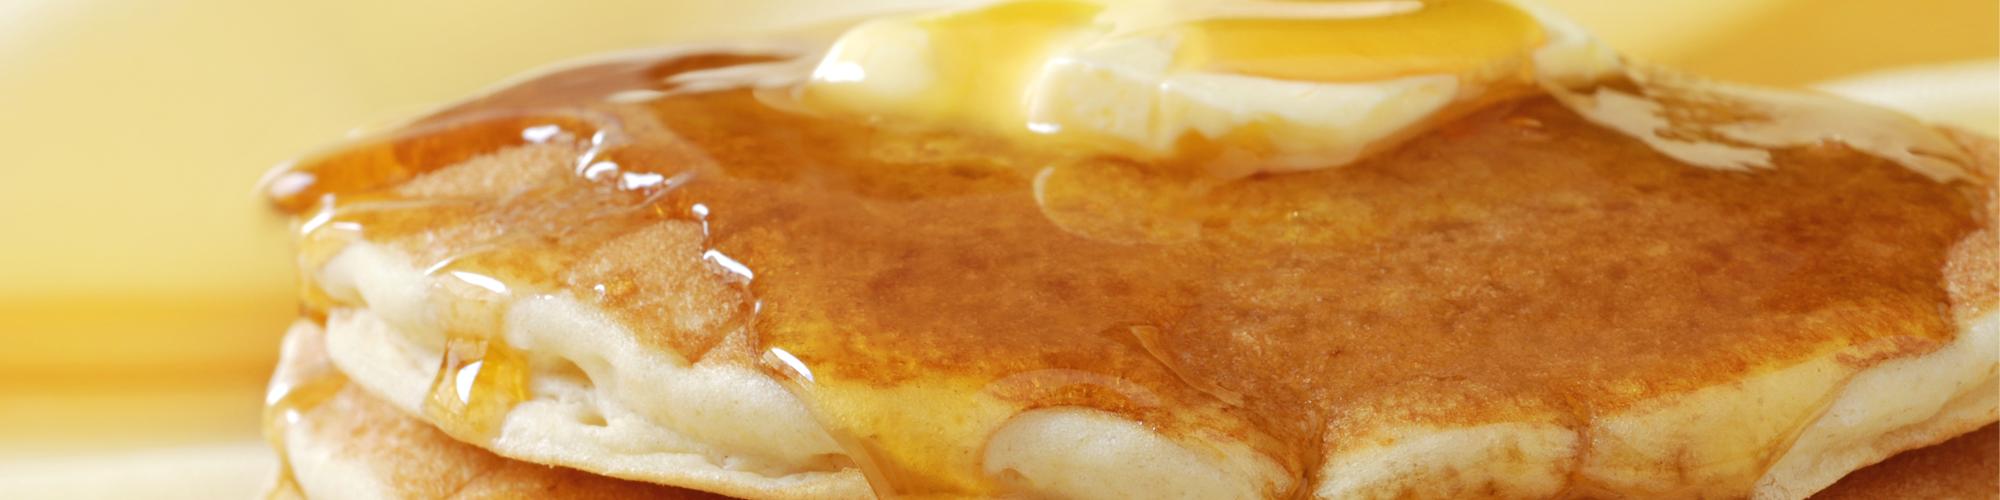 pancake-header